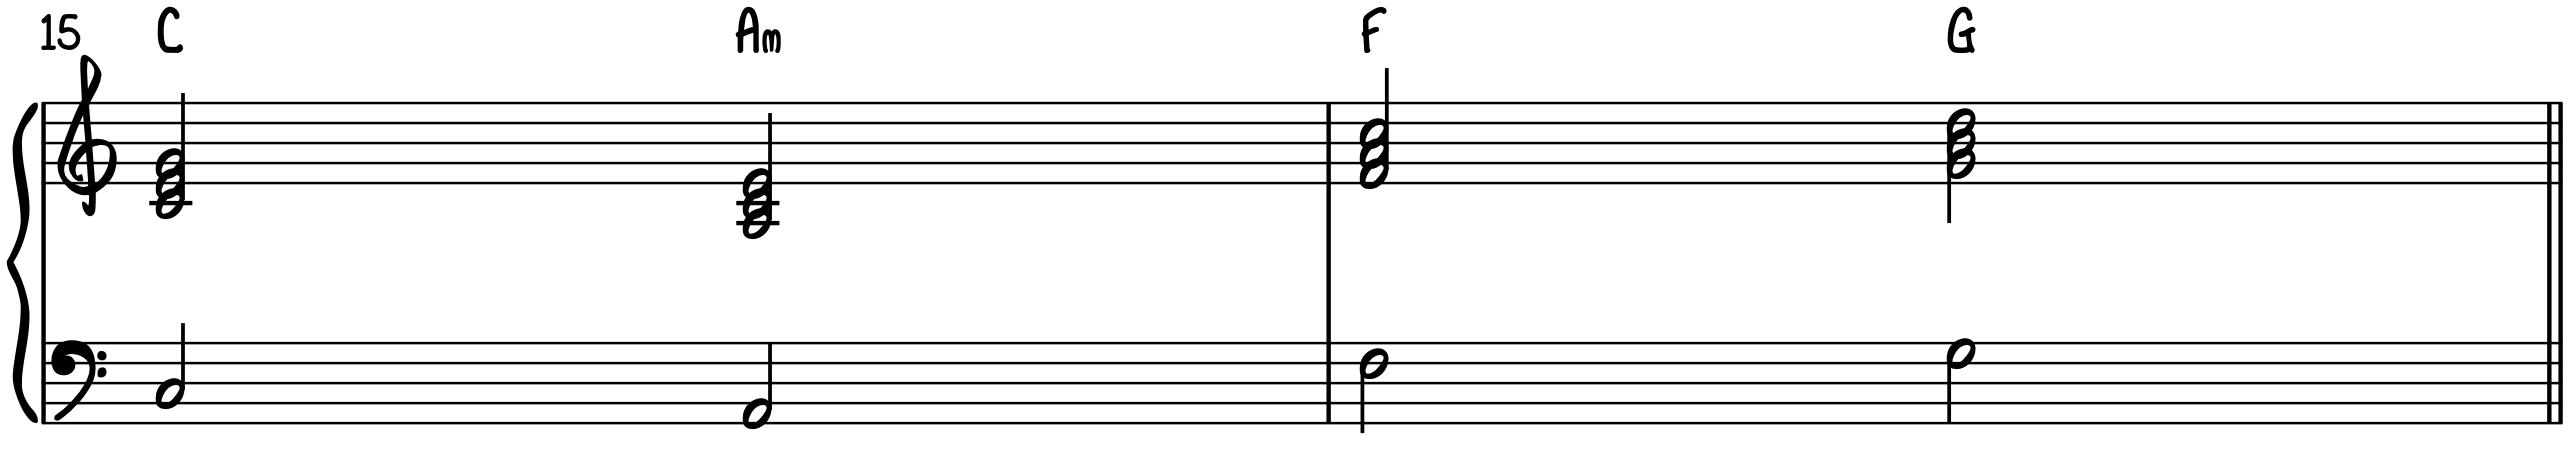 Progression 2 Standard Triads